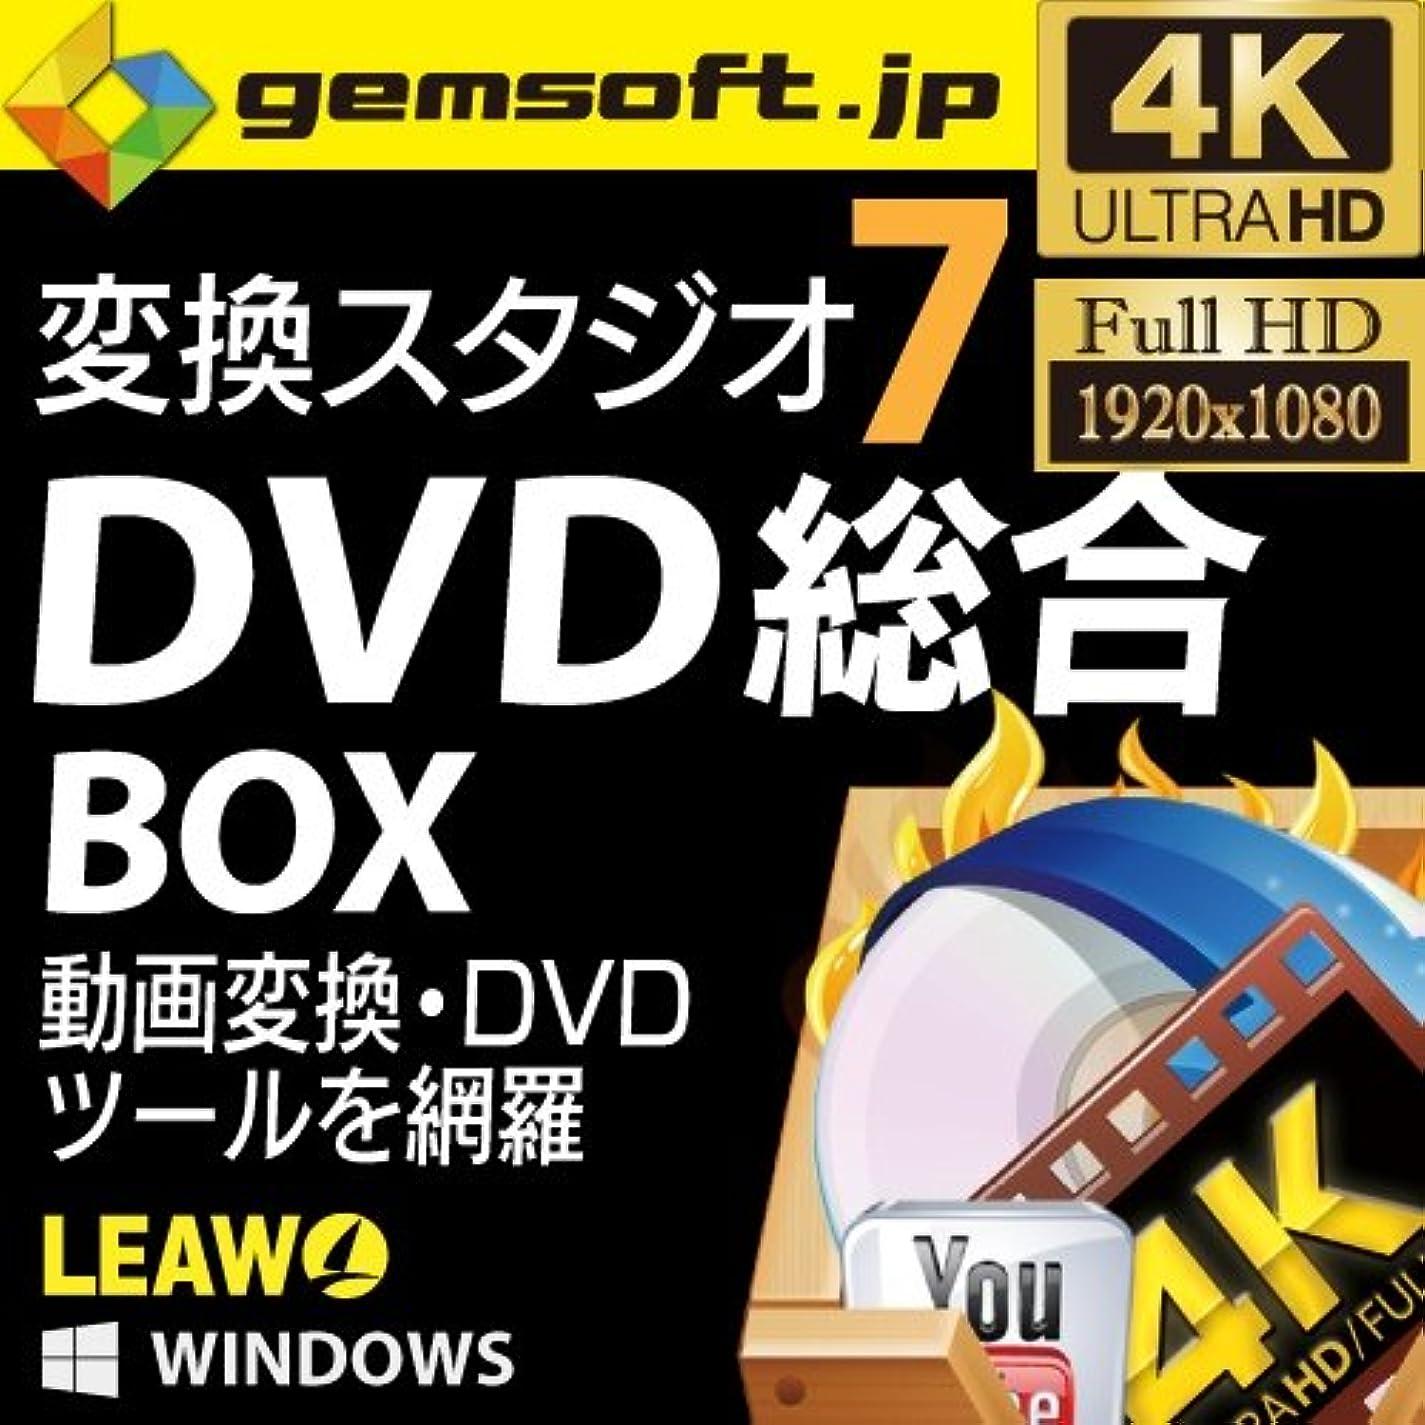 ホールドスピーチ自動変換スタジオ7 DVD総合 BOX ダウンロード版